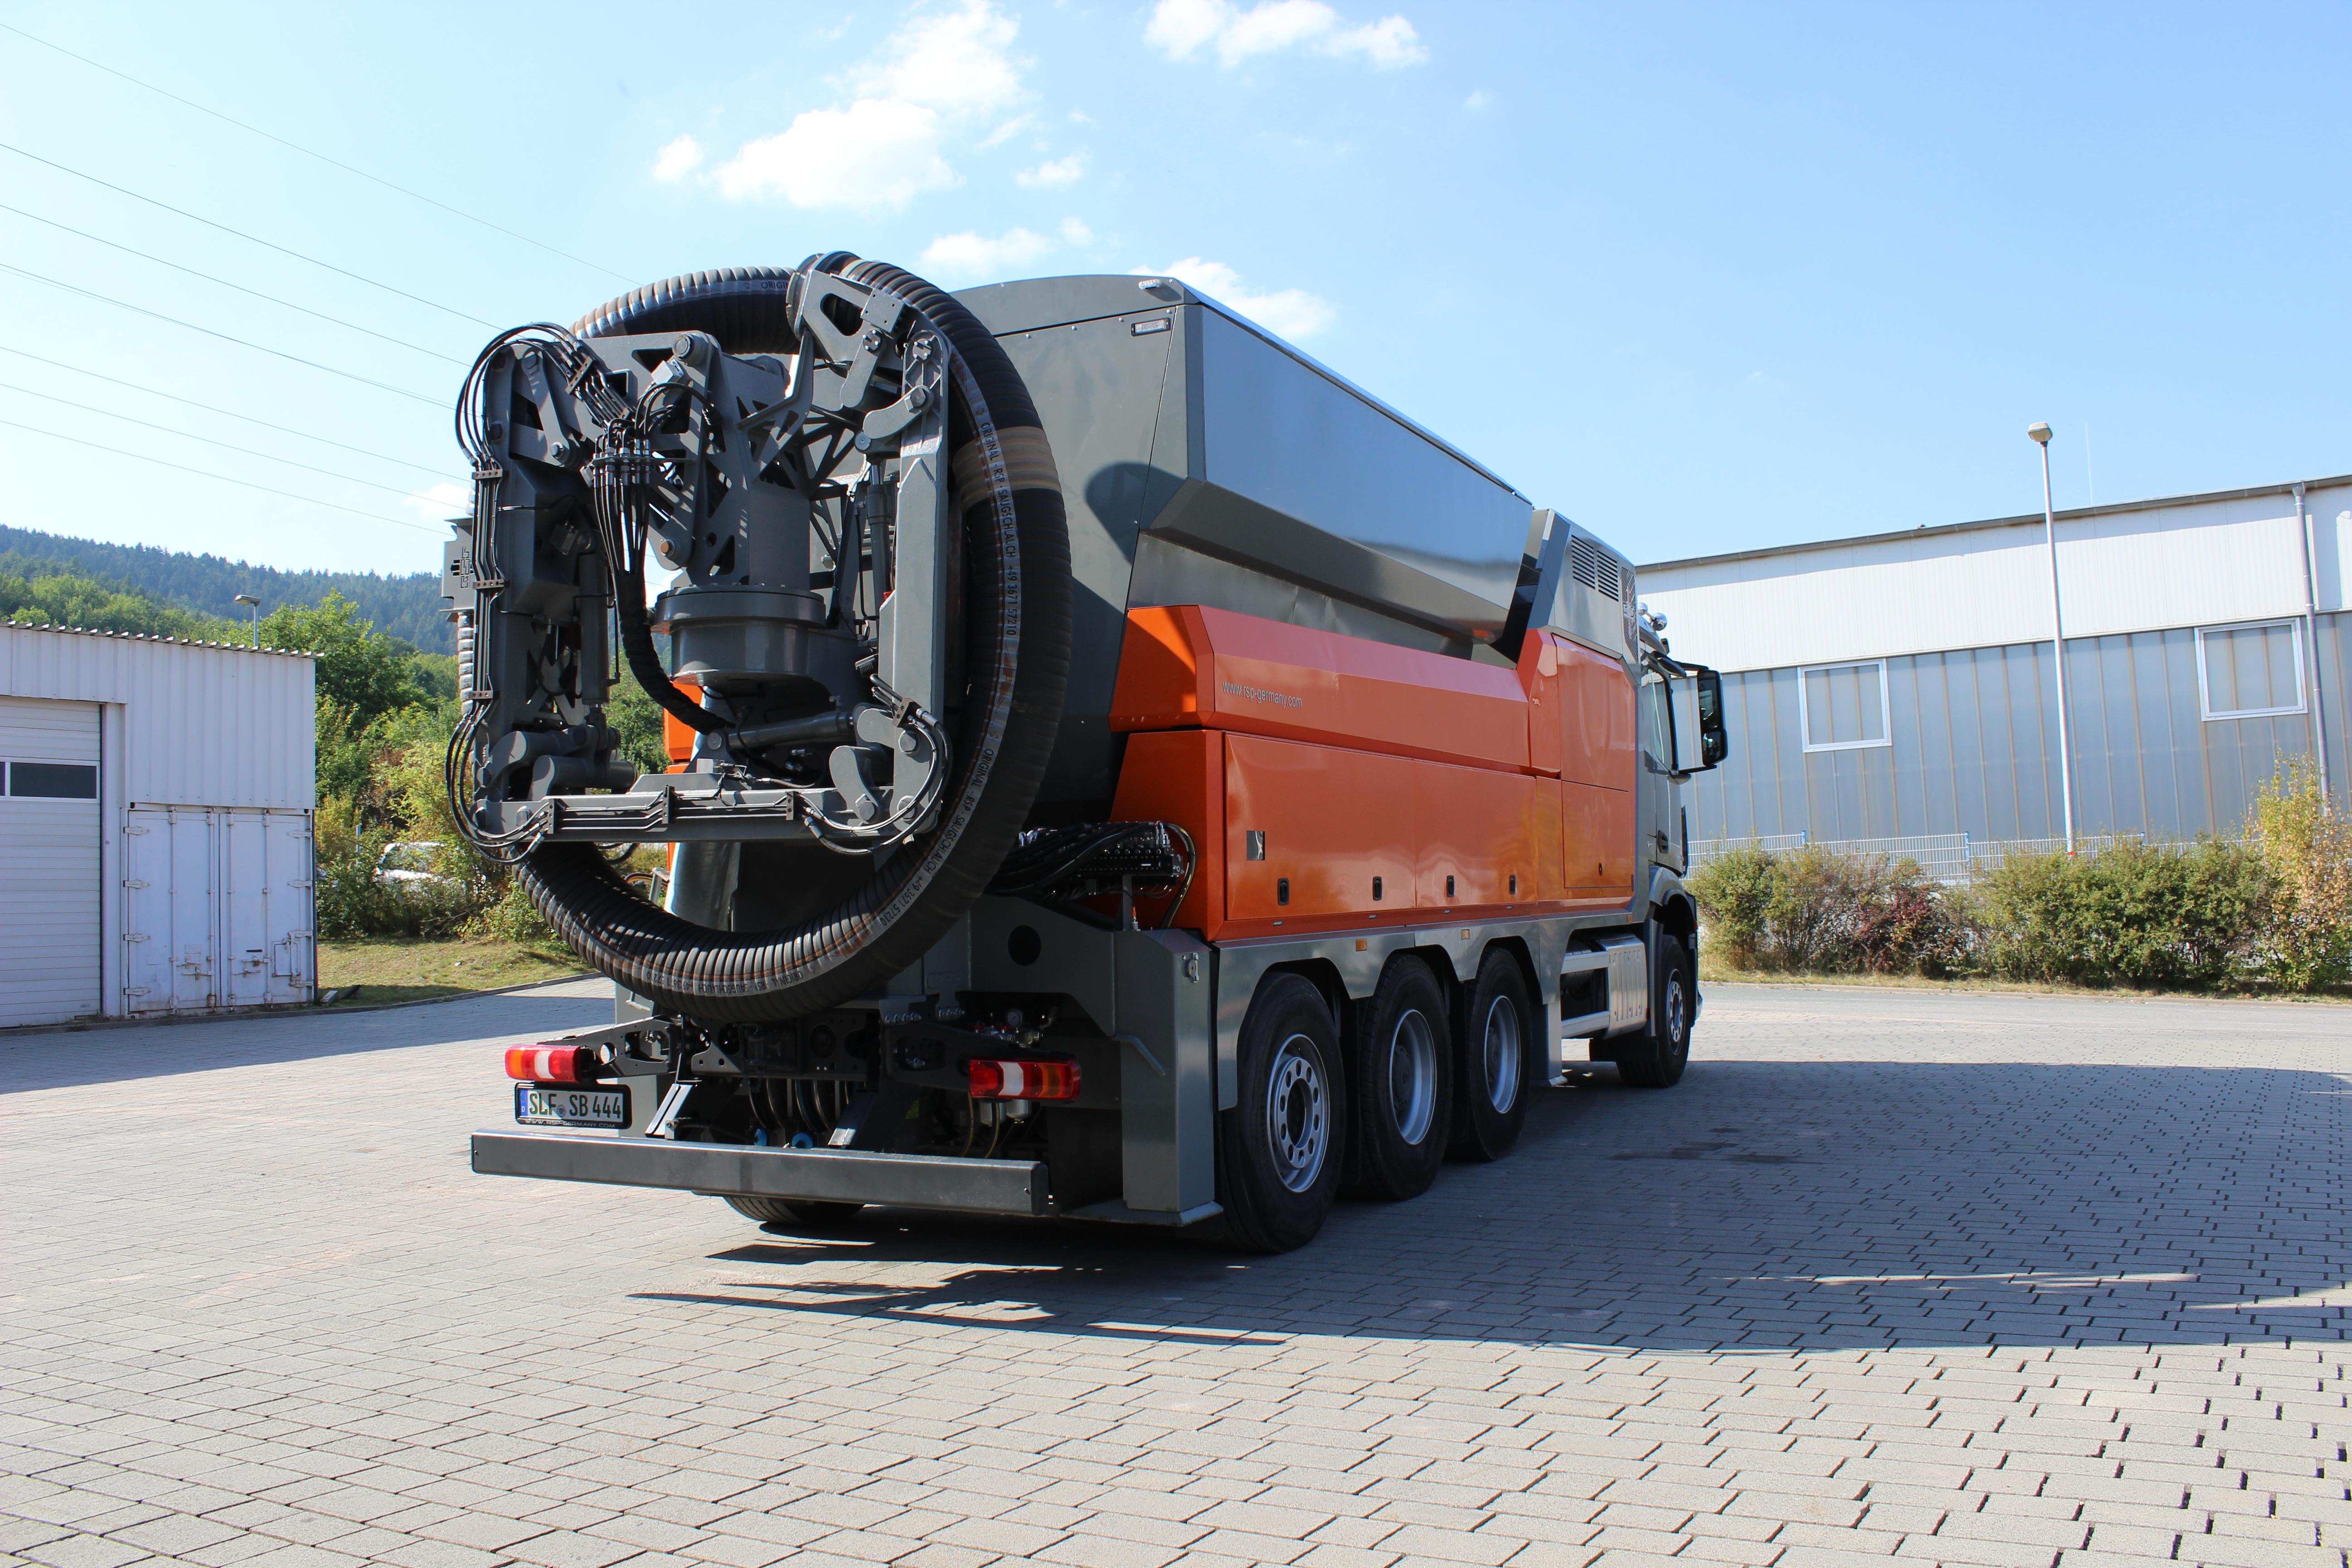 Der Saugbagger ermöglicht ein schnelles und kraftvolles aber gleichzeitig beschädigungsfreies Arbeiten im Bereich von Wurzeln, Leitungen, Mauerwerken und Fundamenten. (Foto: RSP)